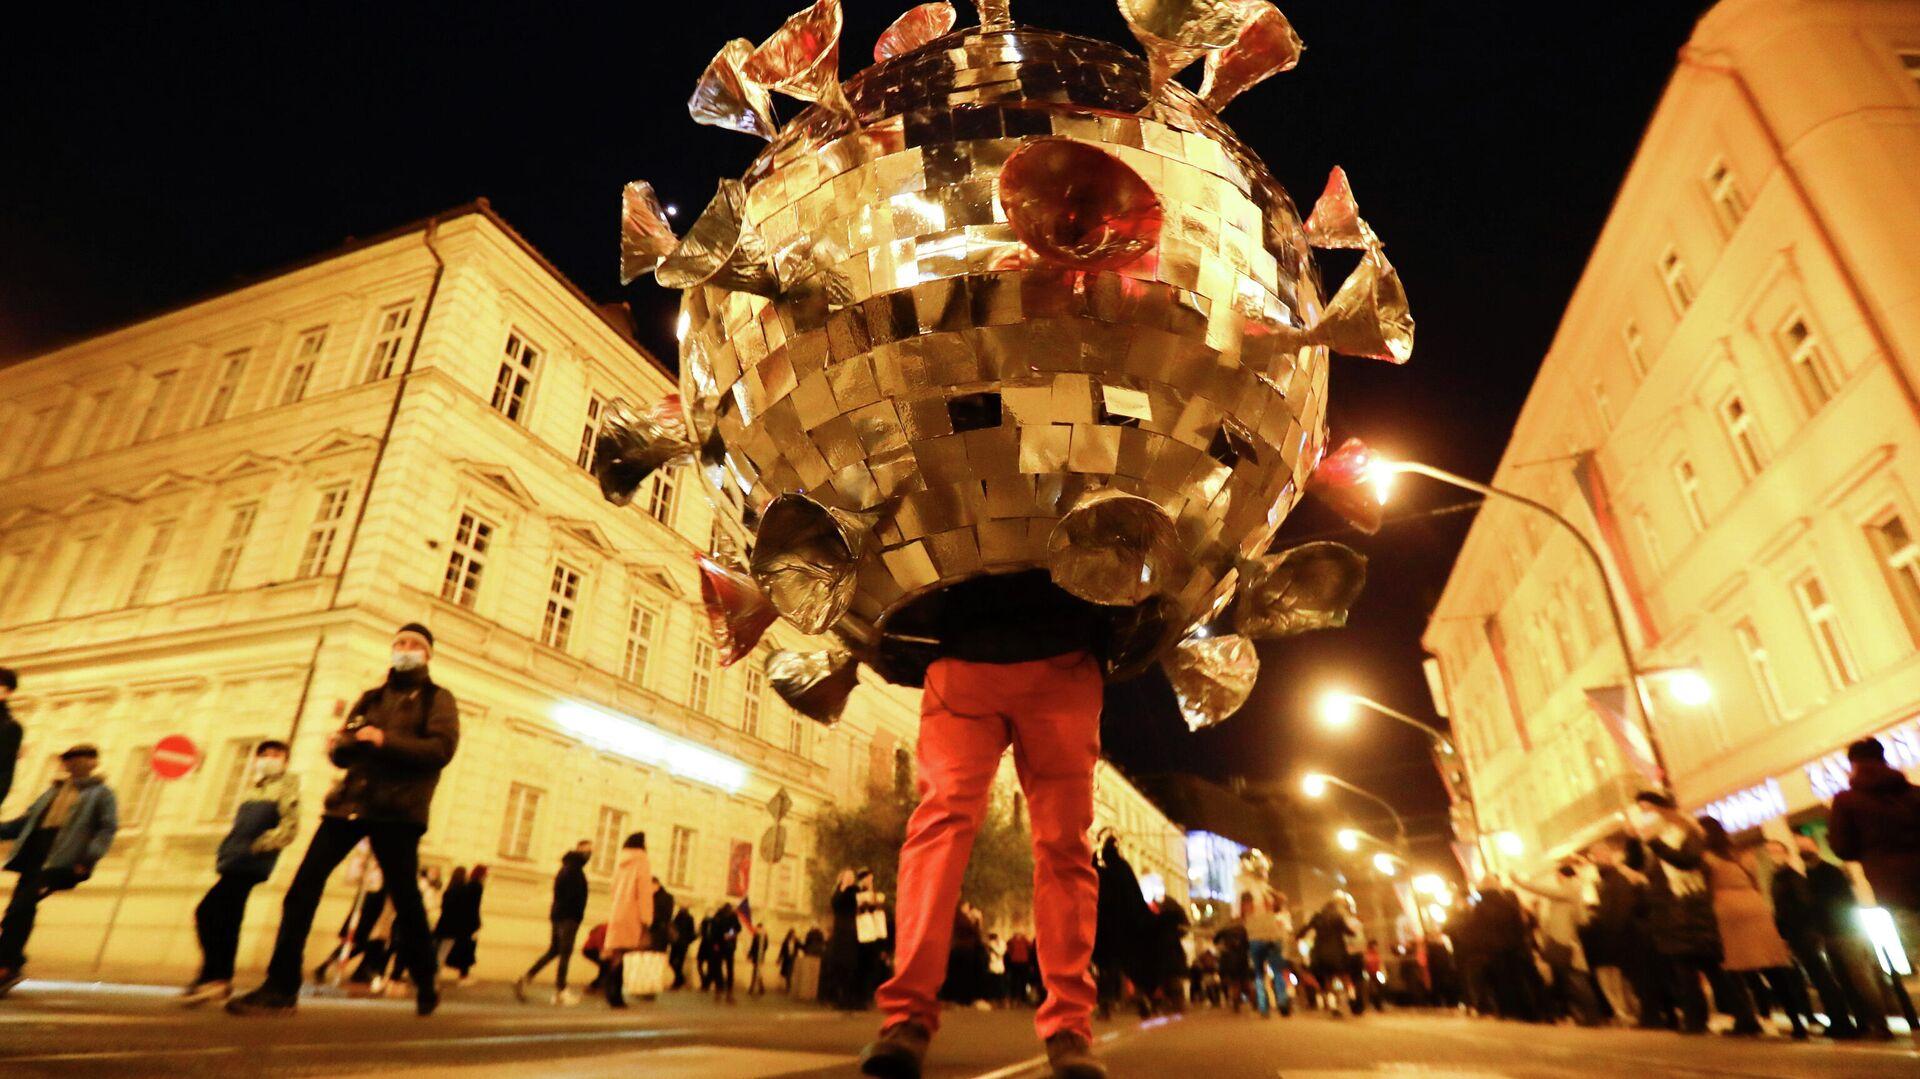 Мужчина в костюме коронавируса во время празднования 31-й годовщины Бархатной революции в Праге - РИА Новости, 1920, 20.11.2020